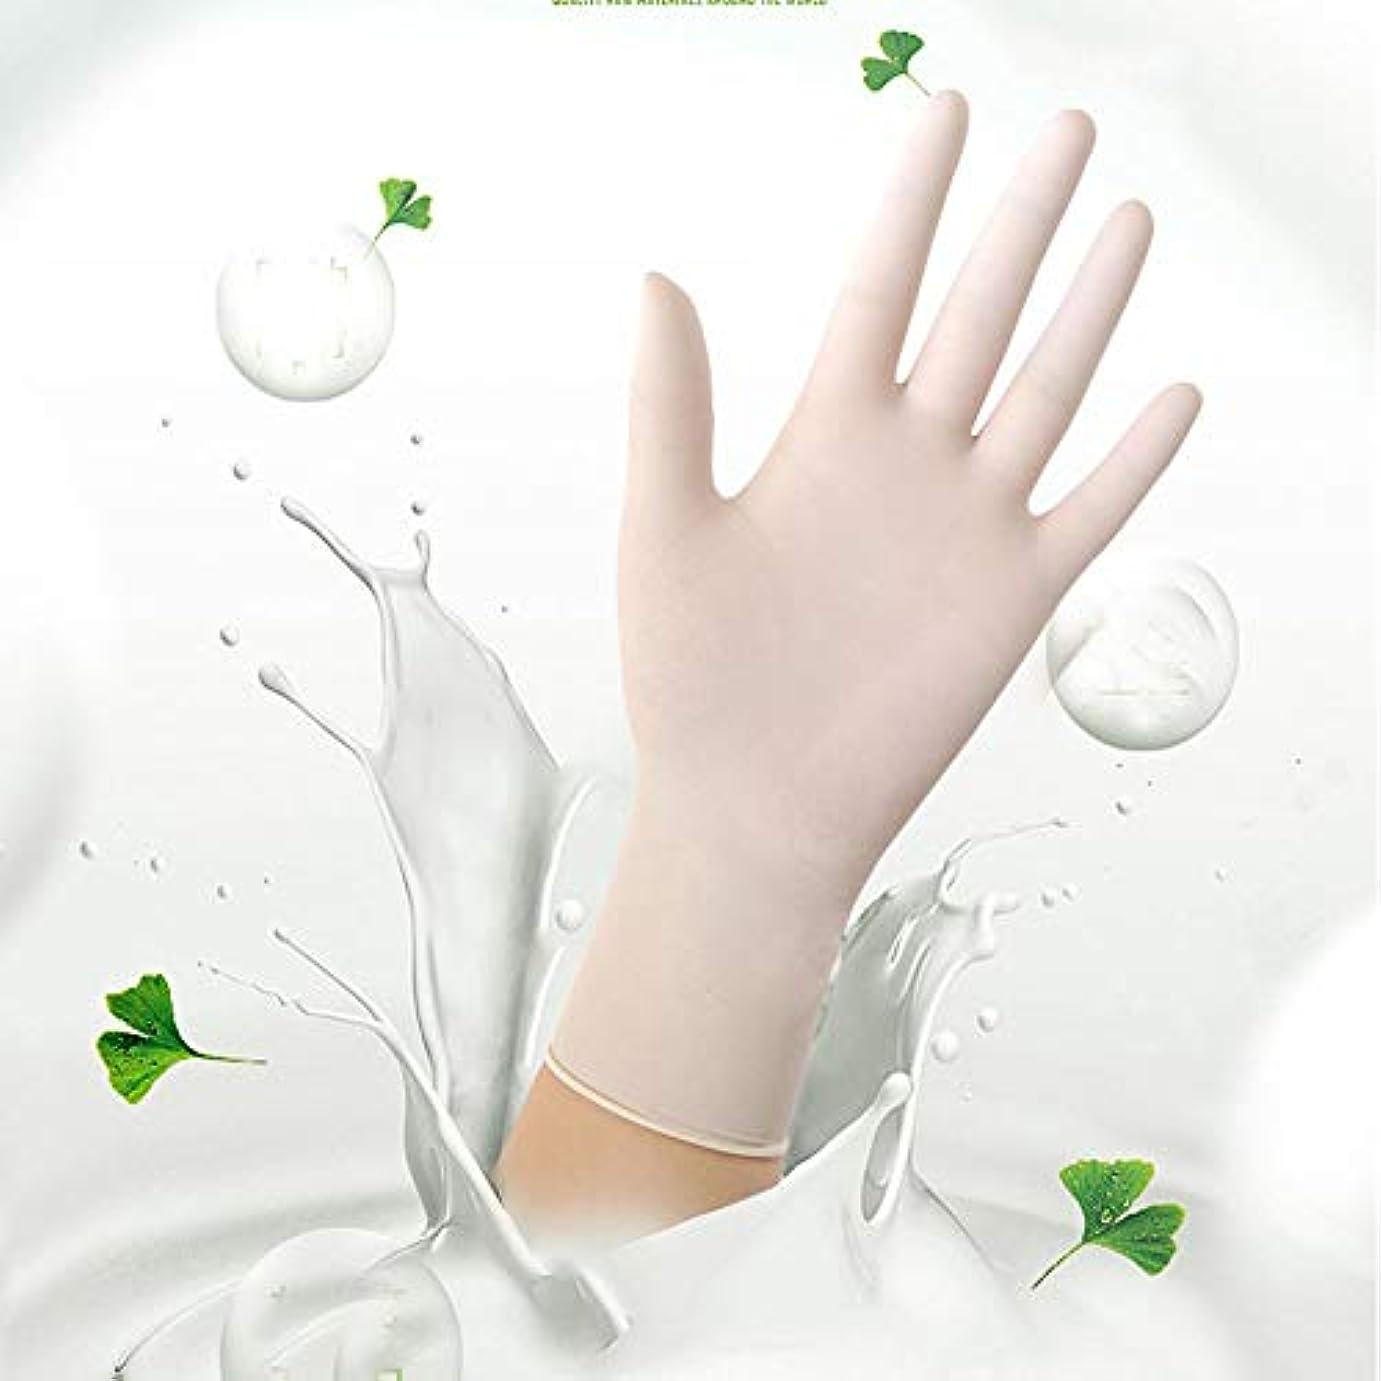 式楽観かび臭いニトリル検査用手袋 - 医療用グレード、パウダーフリー、ラテックスラバーフリー、使い捨て、非滅菌、食品安全、インディゴ色、100カウント、サイズS-L (Color : White, Size : S)